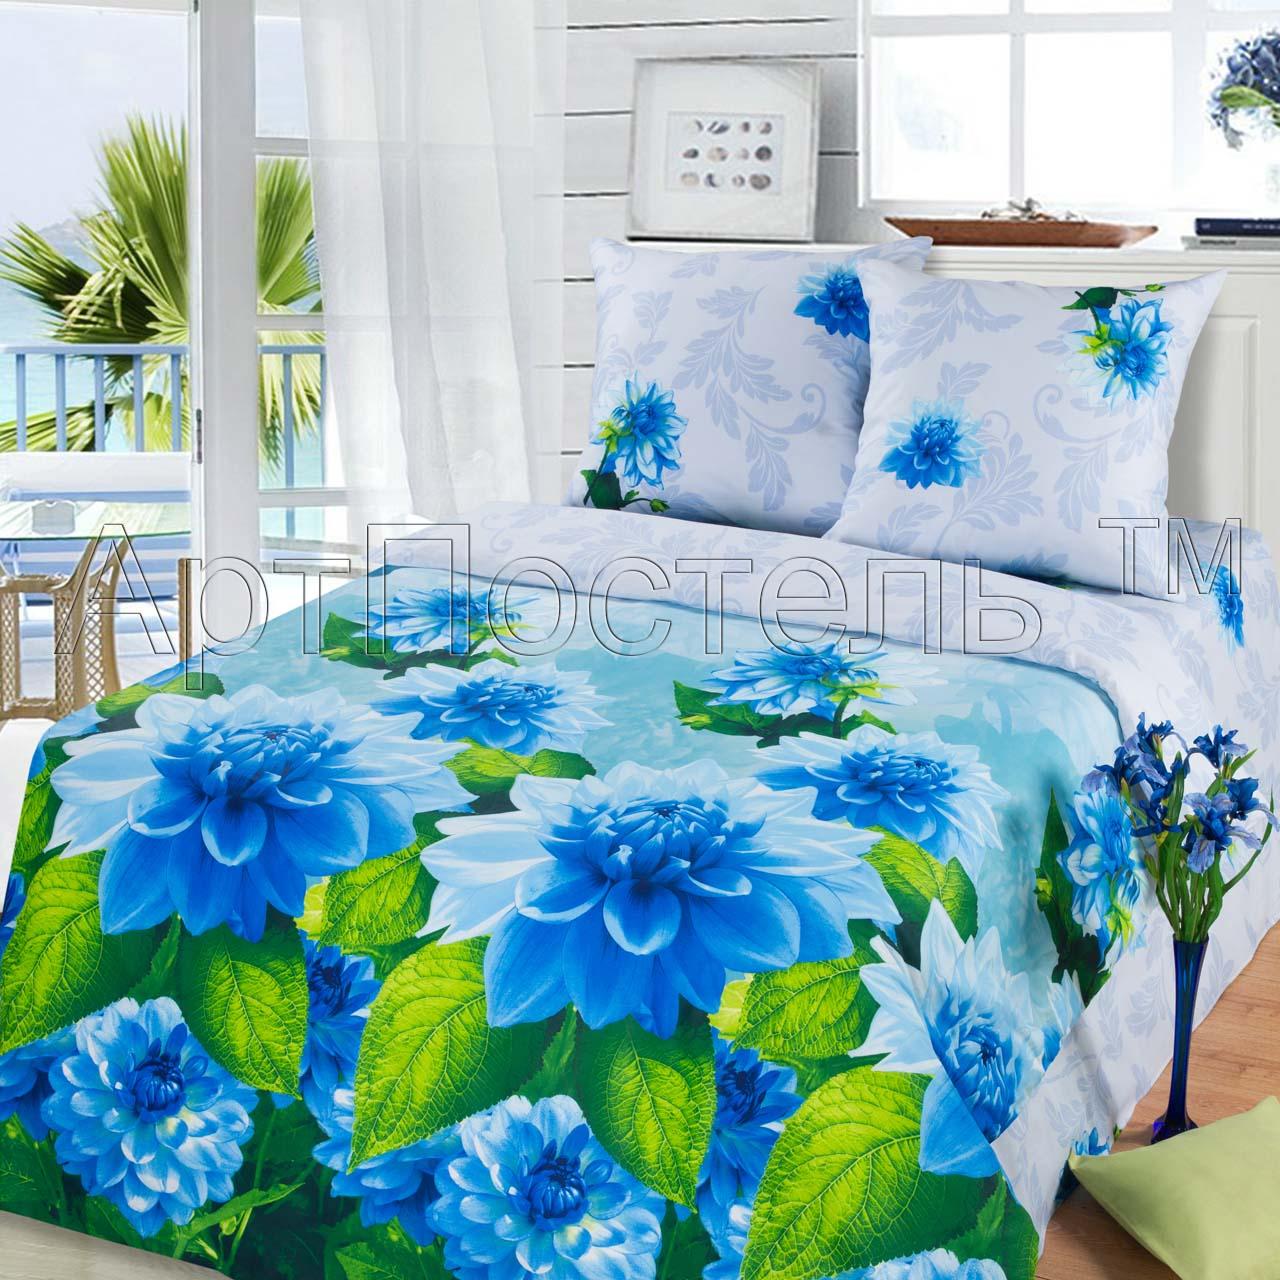 КПБ Зима-Лето  Герцог , размер 2,0-спальный с европростыней - Постельное белье артикул: 9011